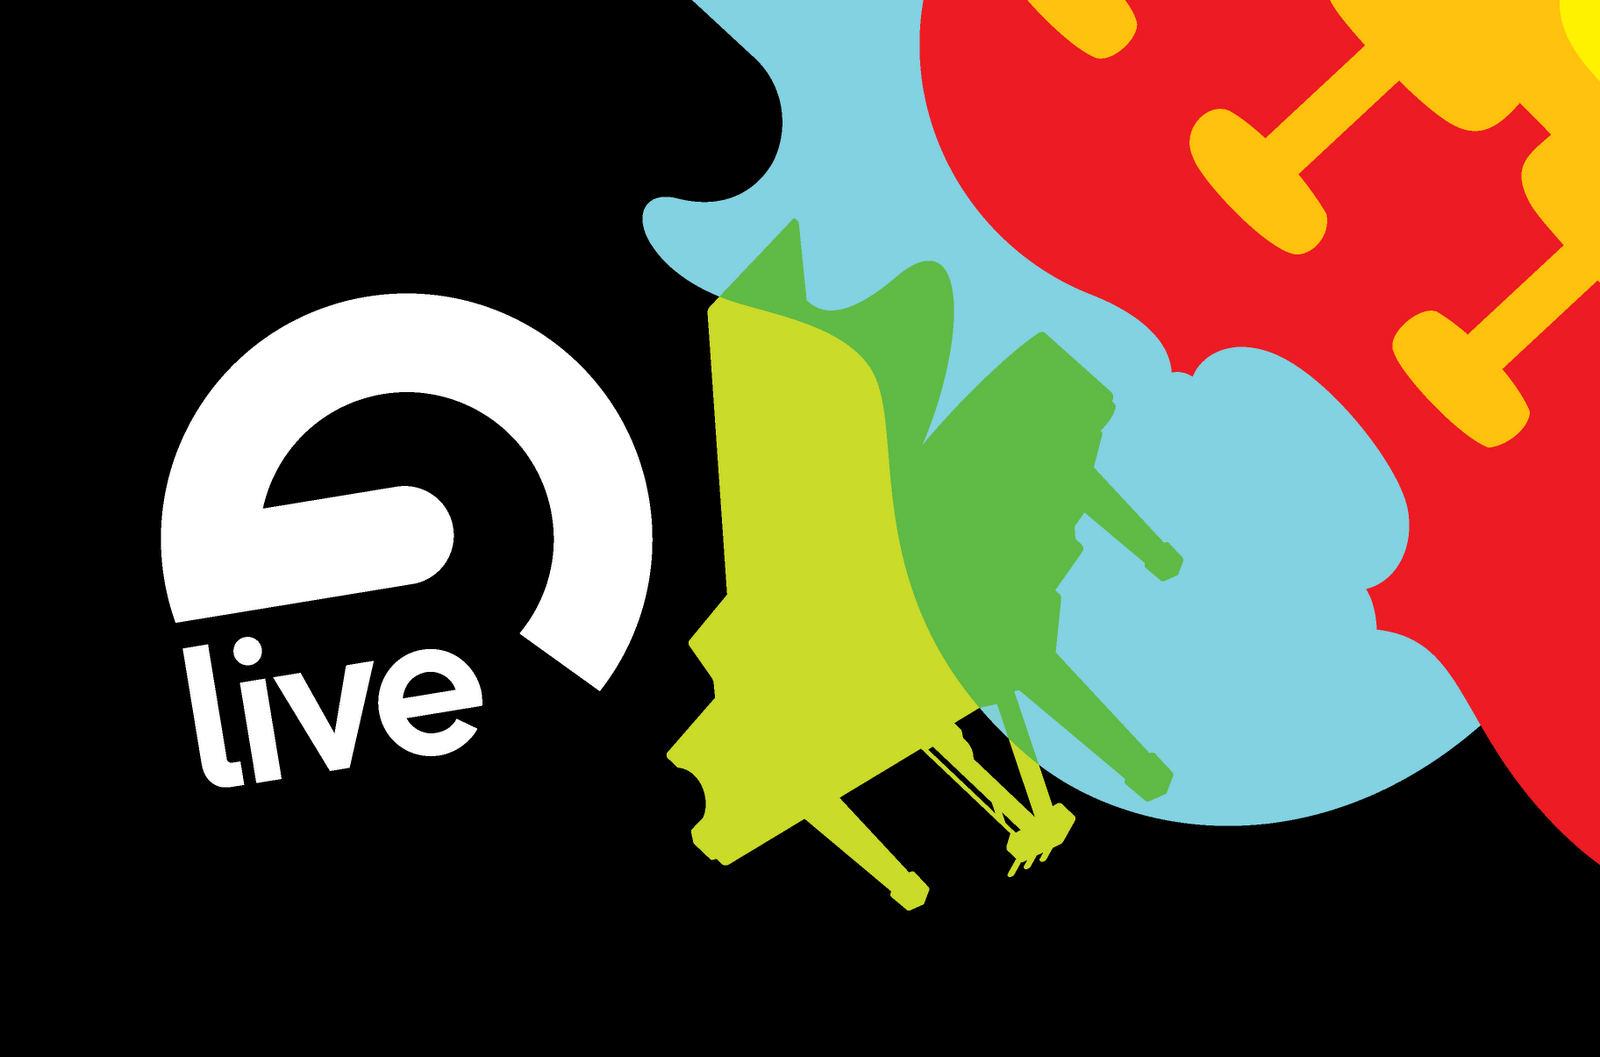 Ableton Live Full Crack With Keygen Full Version Free Download Software